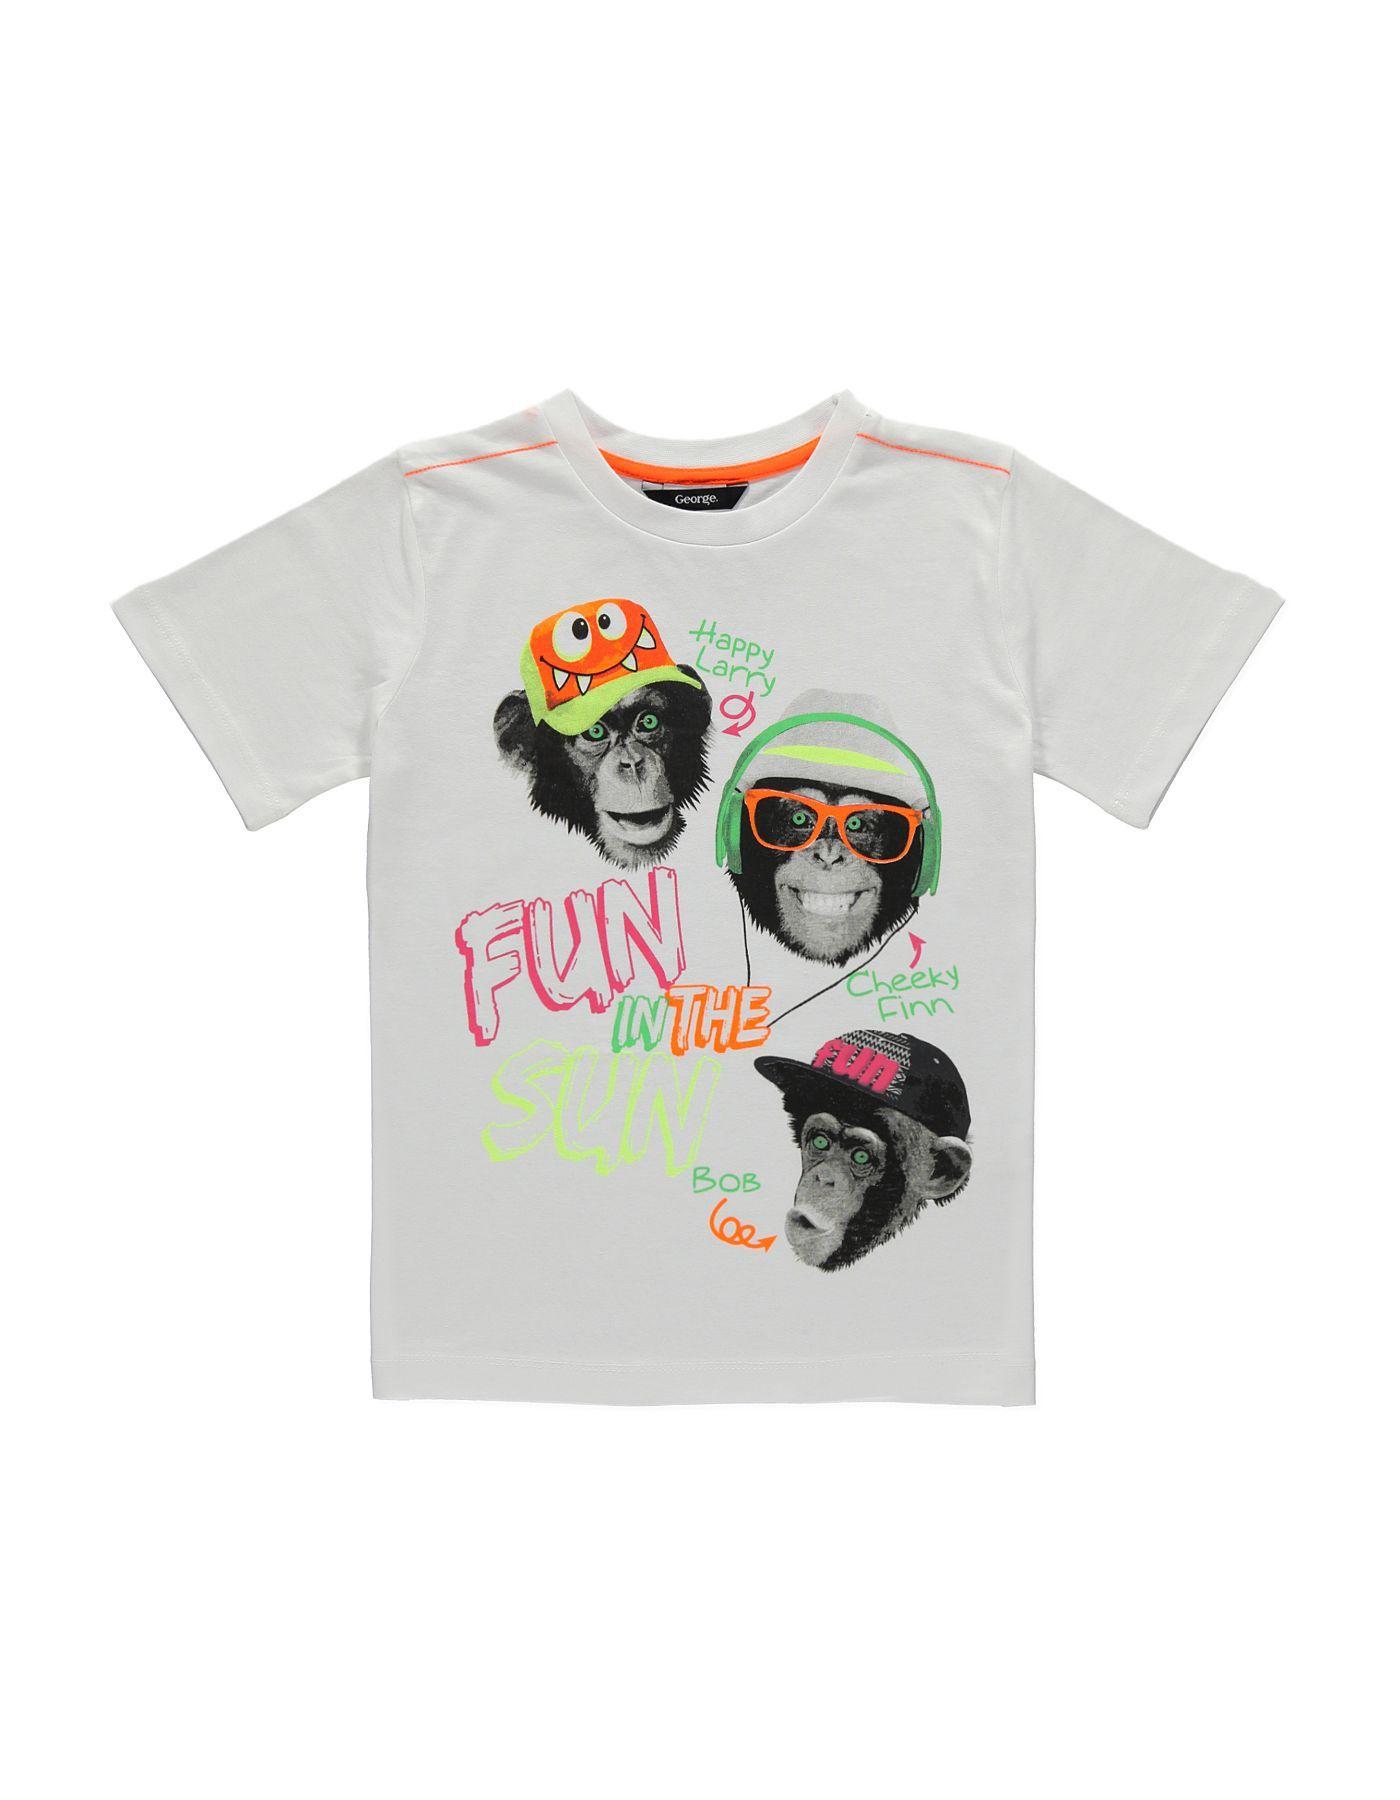 Black t shirt asda - Monkey Photo Print T Shirt Boys George At Asda